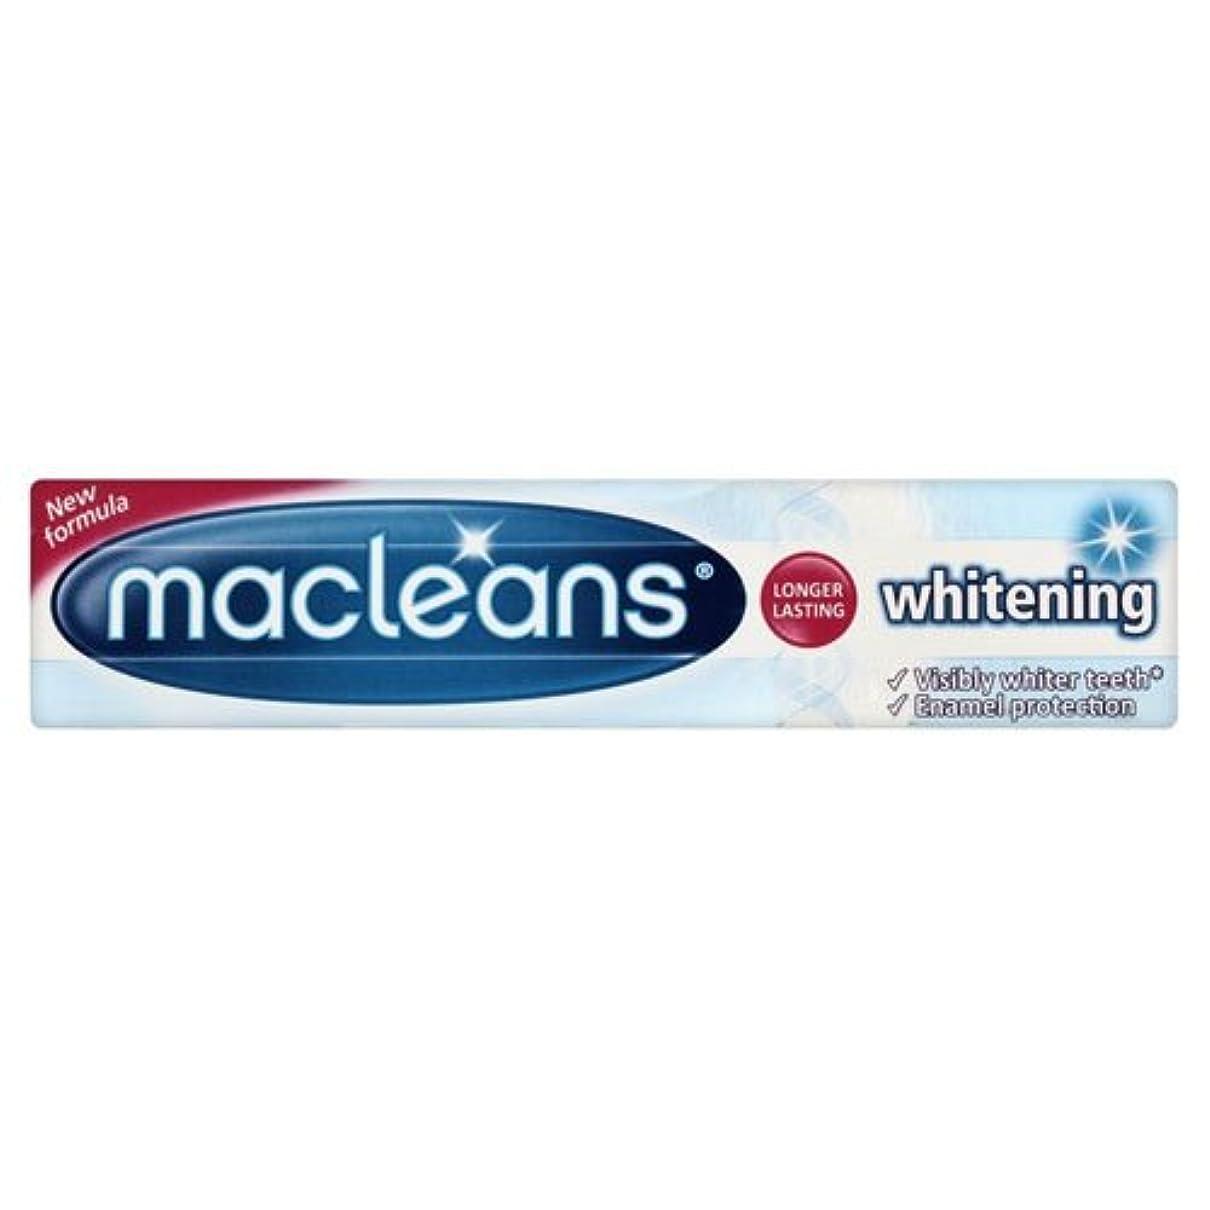 免除東ティモールペルメルMacleans Whitening Toothpaste Tube 100ml by Macleans